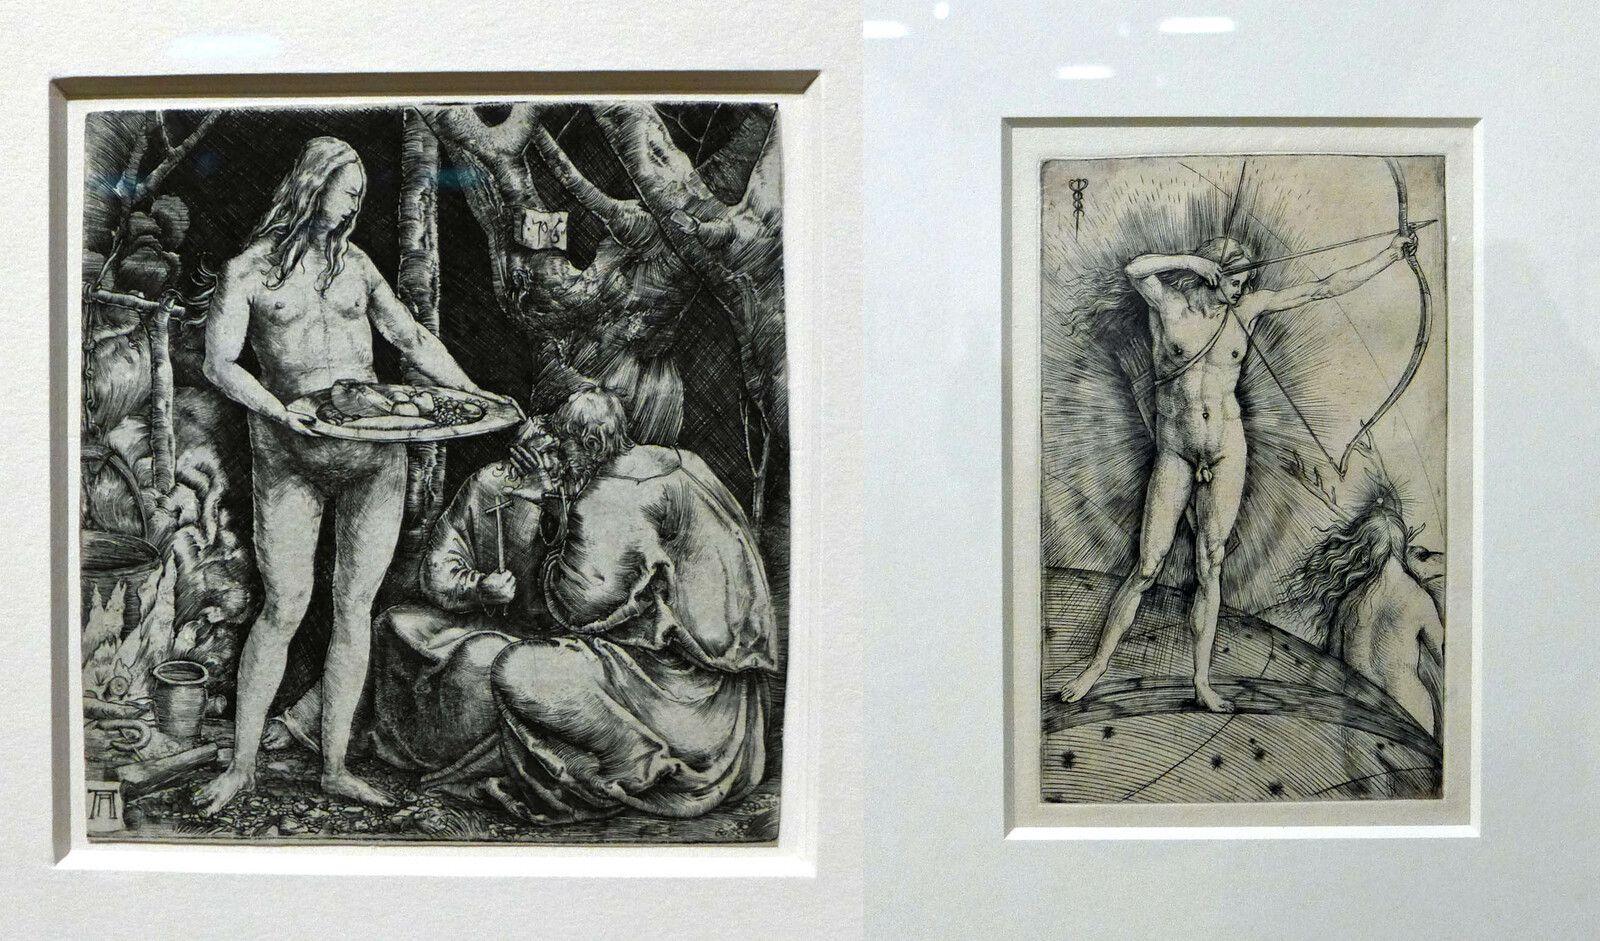 Albrecht Altdorfer, Tentation de deux ermites (1506), burin. Vienne, Albertina. / Jacopo de 'Barbari, Apollon et Diane (fin du XVe ?), burin. Paris, musée du Louvre, département des arts graphiques.